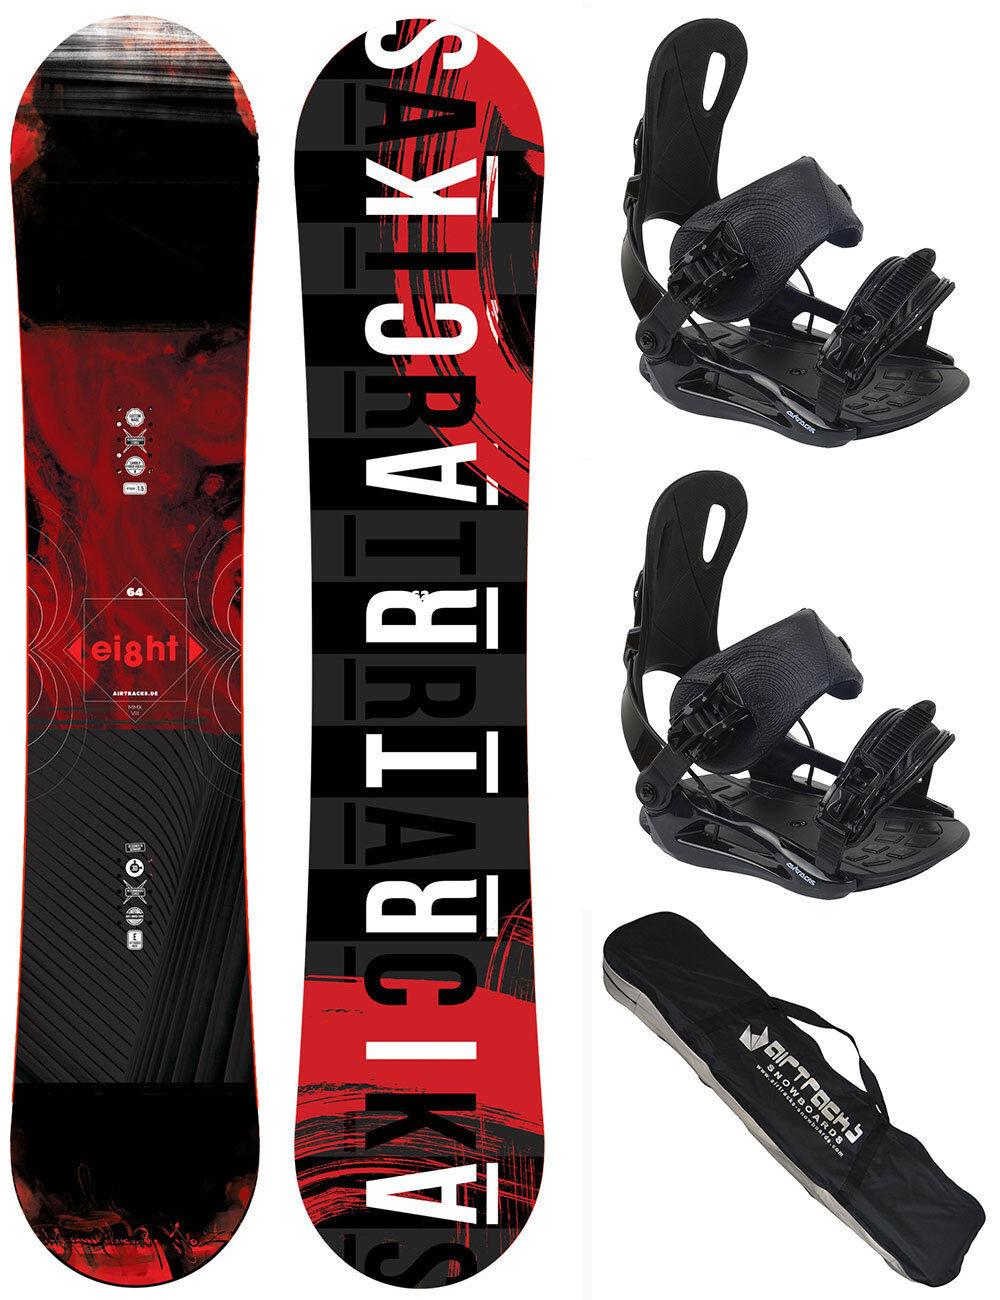 Snowboard Set AIRTRACKS Eight Rocker+Bindung Star oder Master+Bag 150 155 160 cm